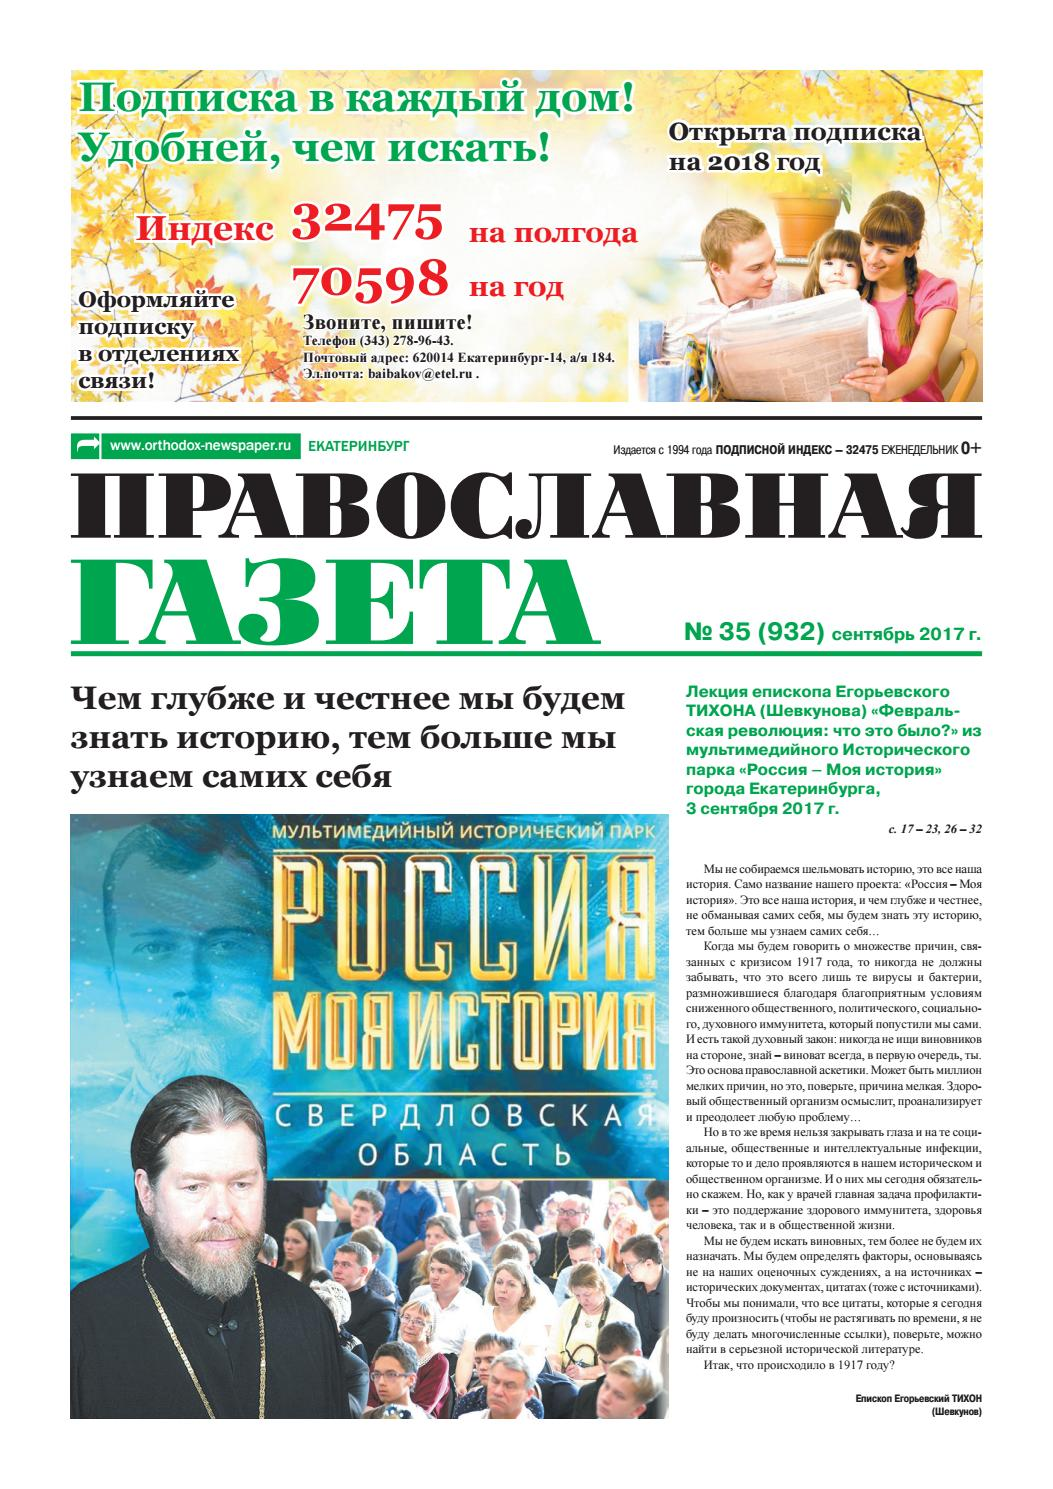 Консультации по вопросам наследования Таранченко улица поиск консультация юриста по продаже авто